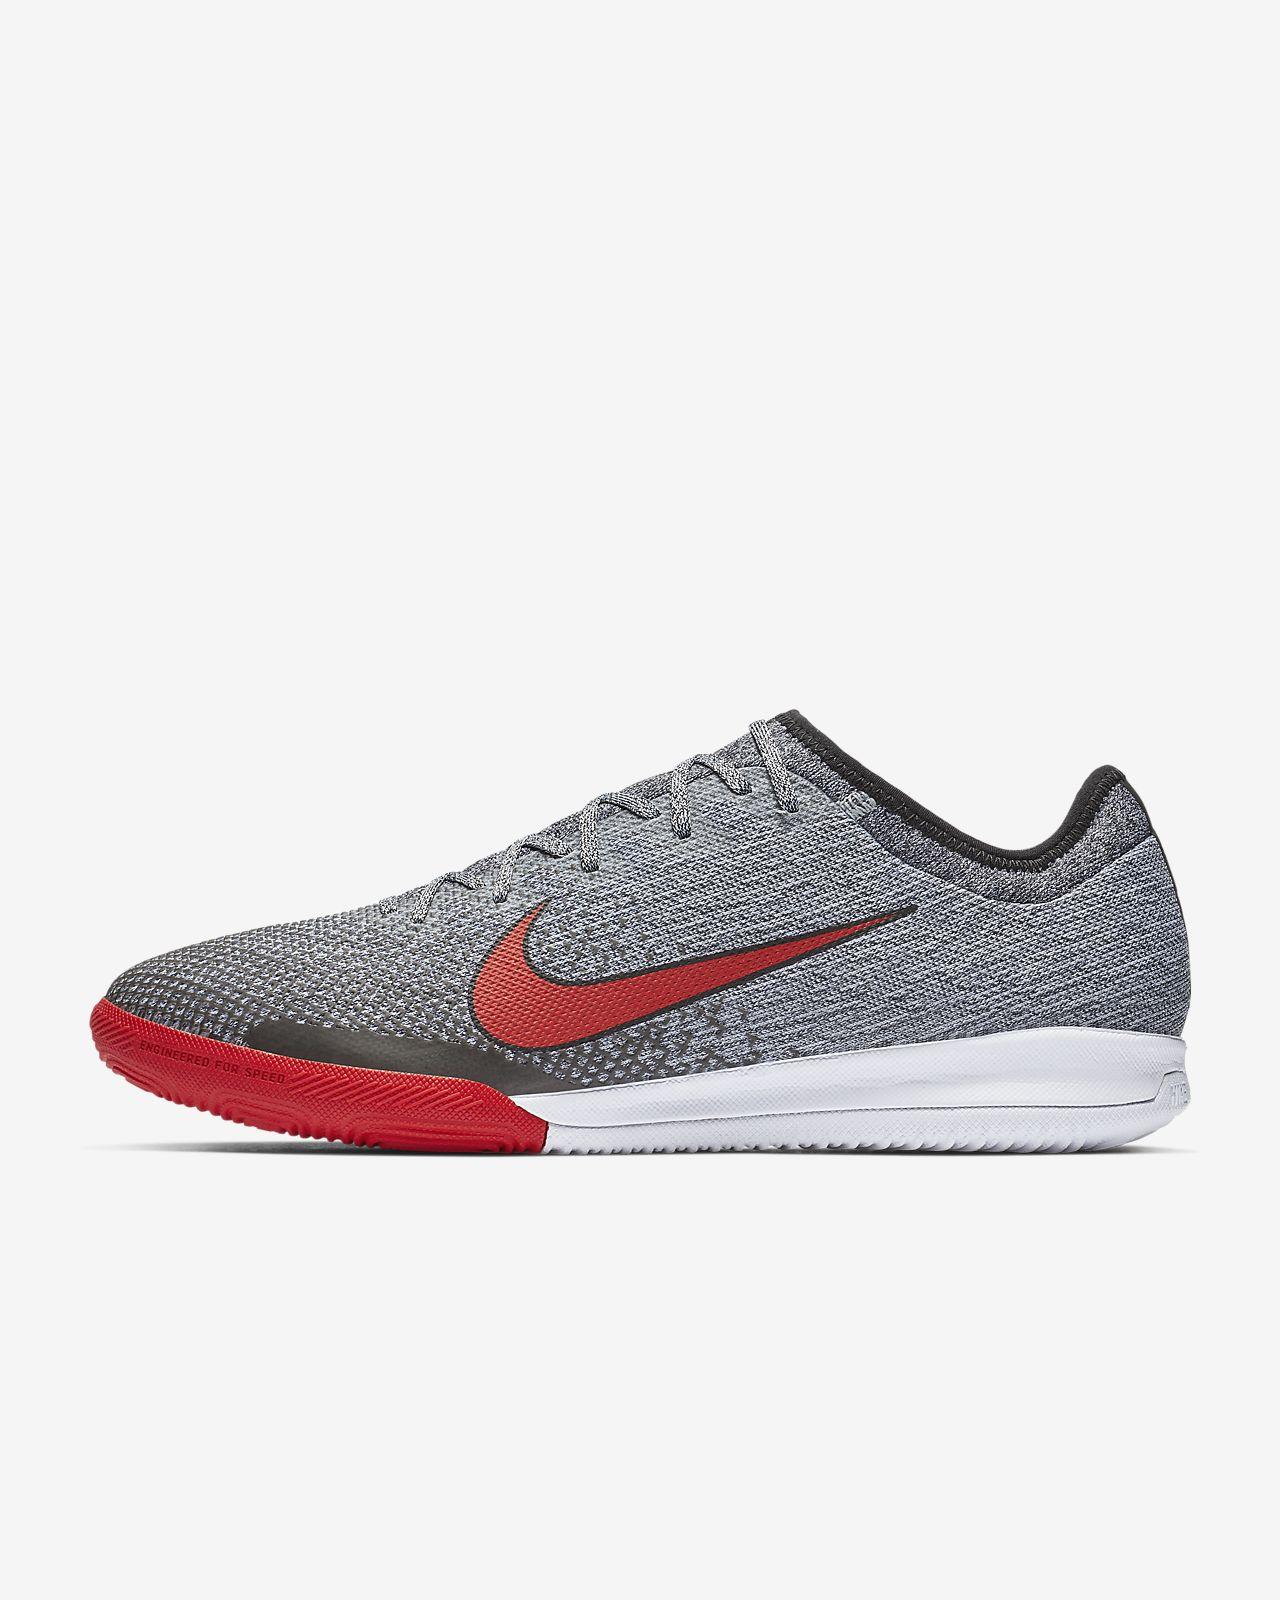 5ed03a5c49466 Halowe buty piłkarskie Nike MercurialX Vapor XII Pro Neymar. Nike.com PL